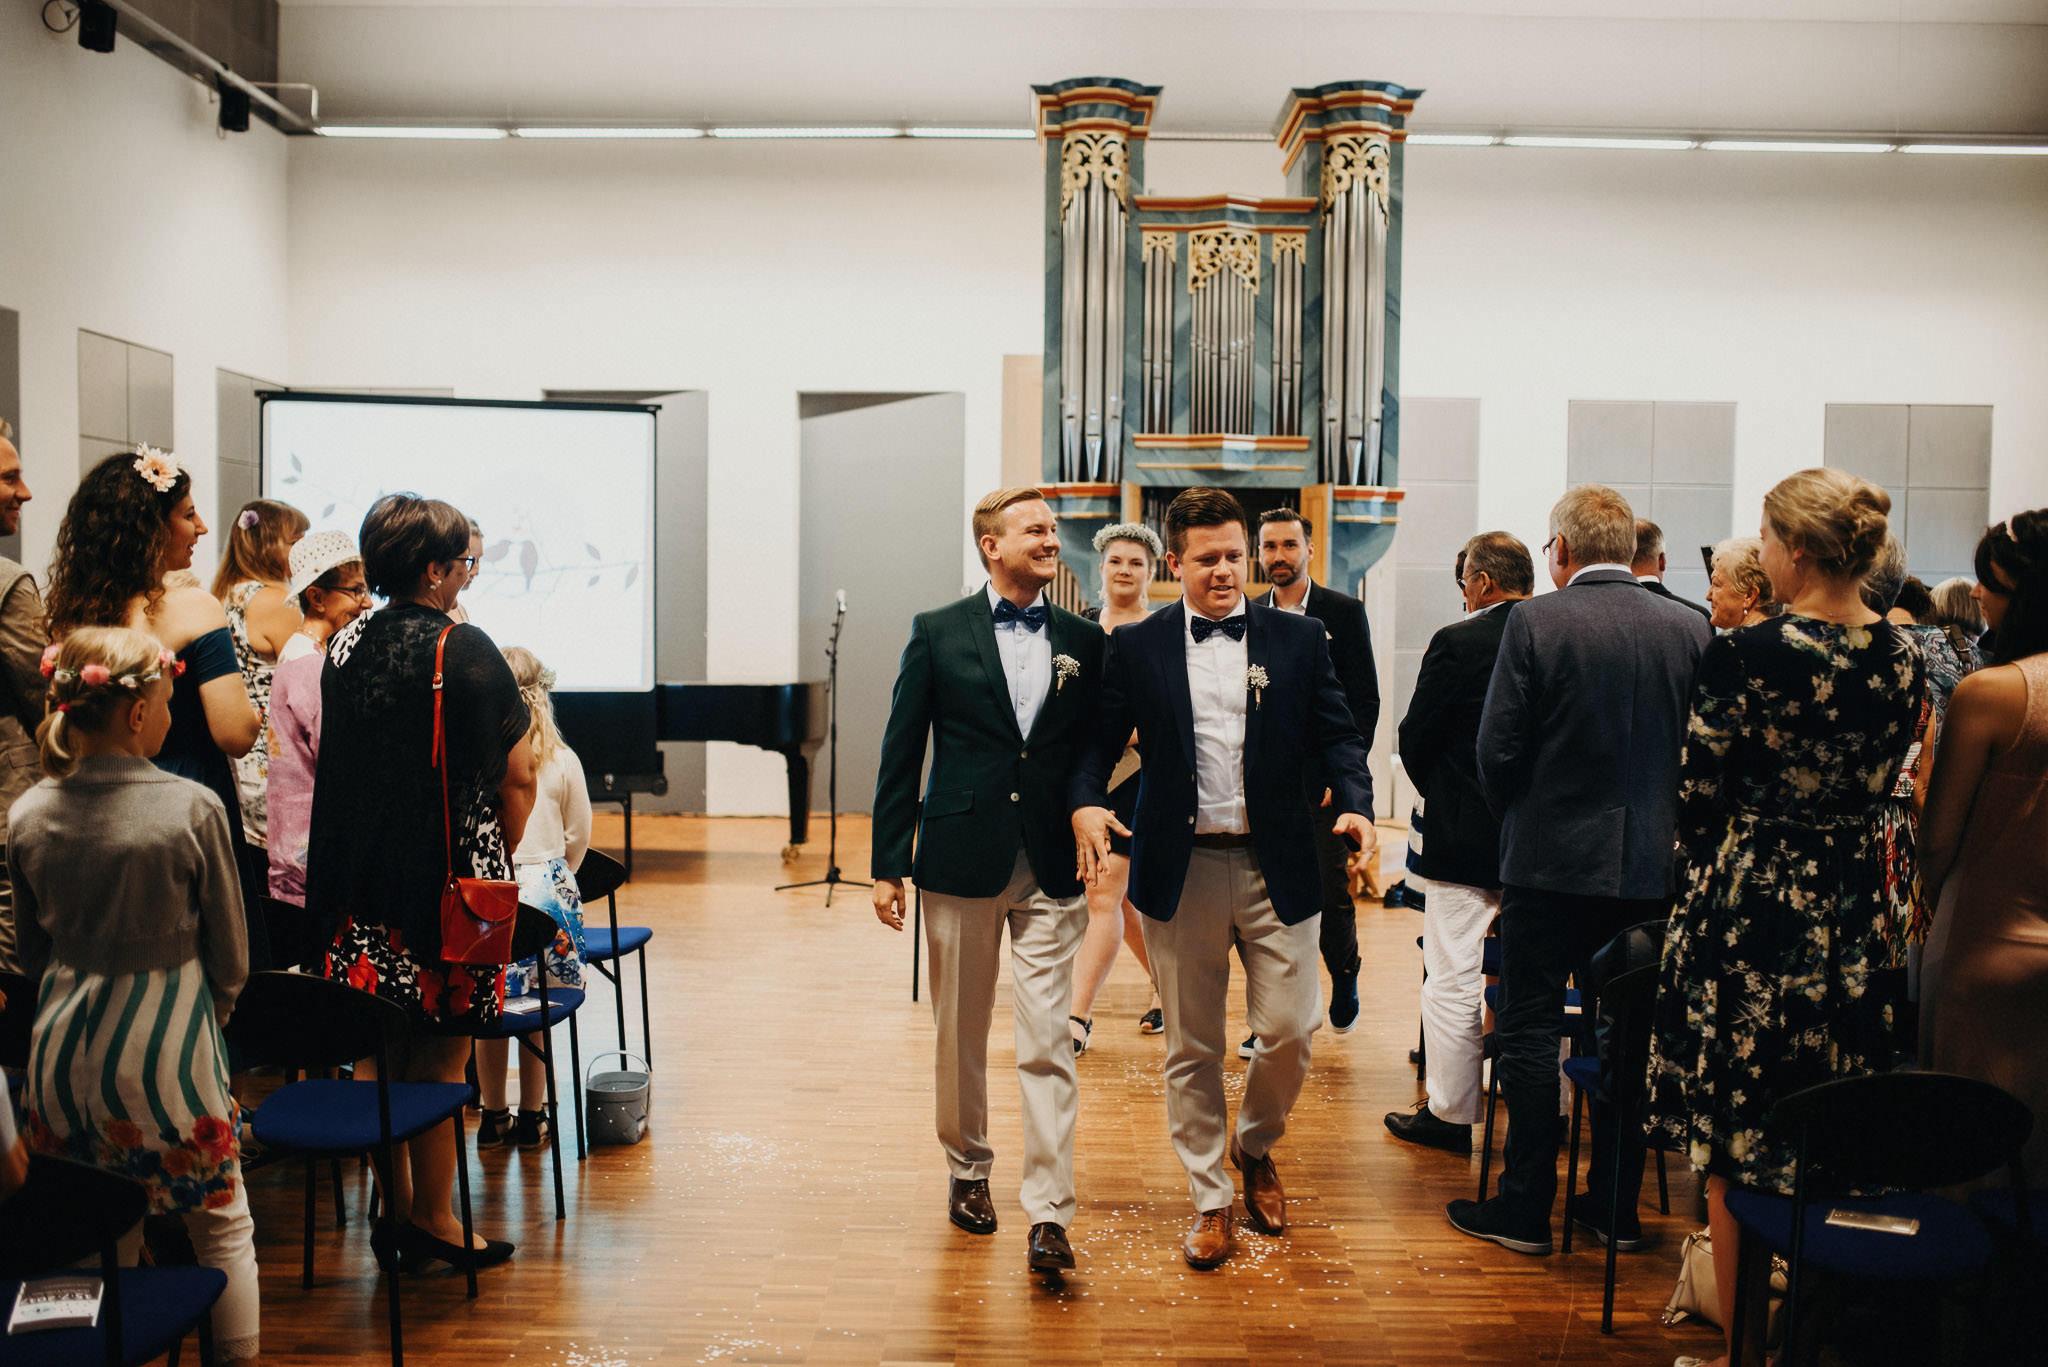 jere-satamo-ruissalo-haat-samesex-wedding-valokuvaaja-turku-024web.jpg